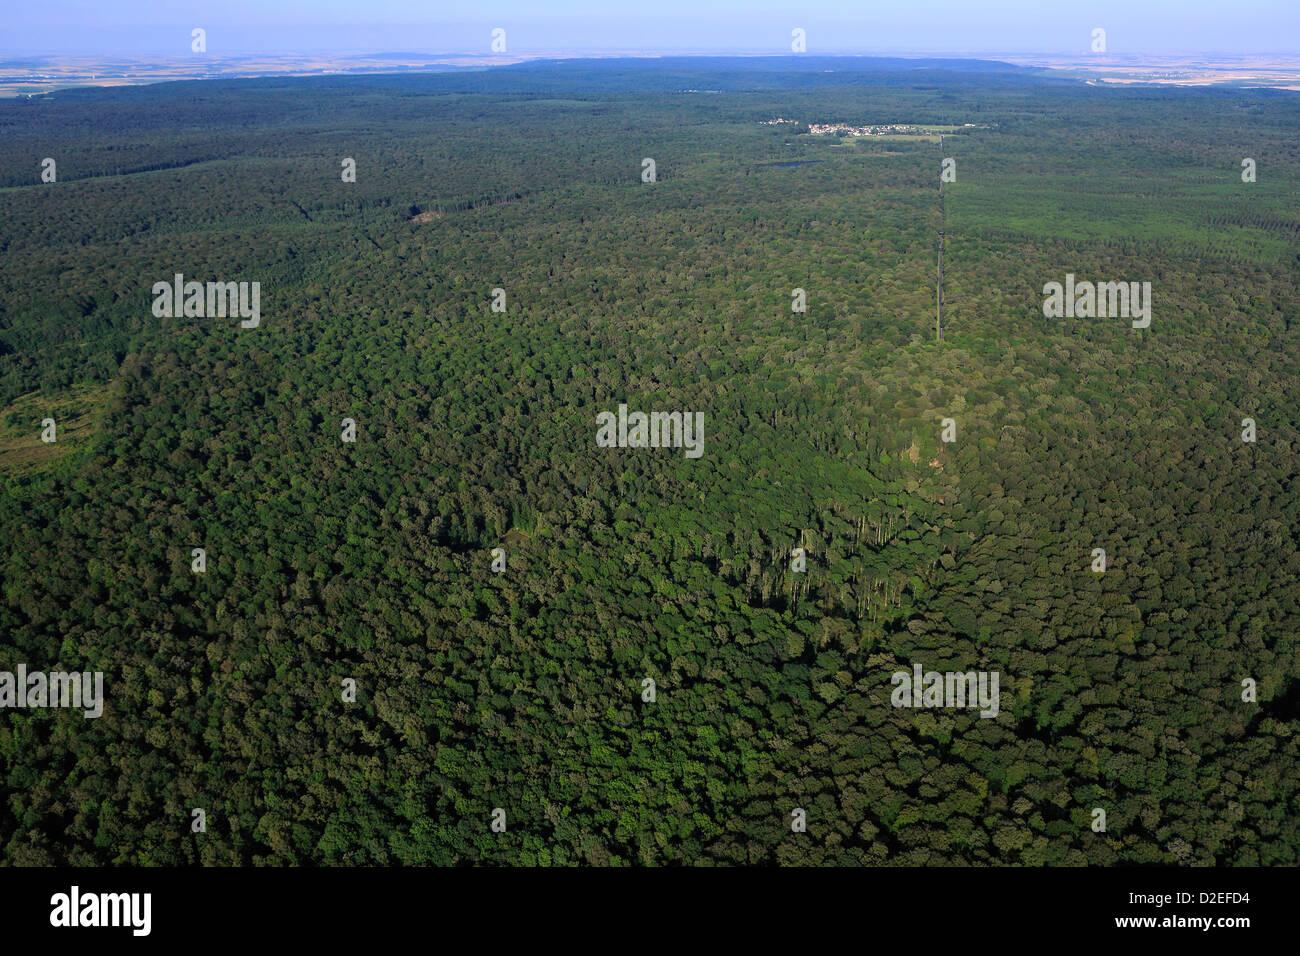 Francia, Marne (51), il Parco Naturale Regionale della Montagne de Reims, altopiano boscoso, Immagini Stock